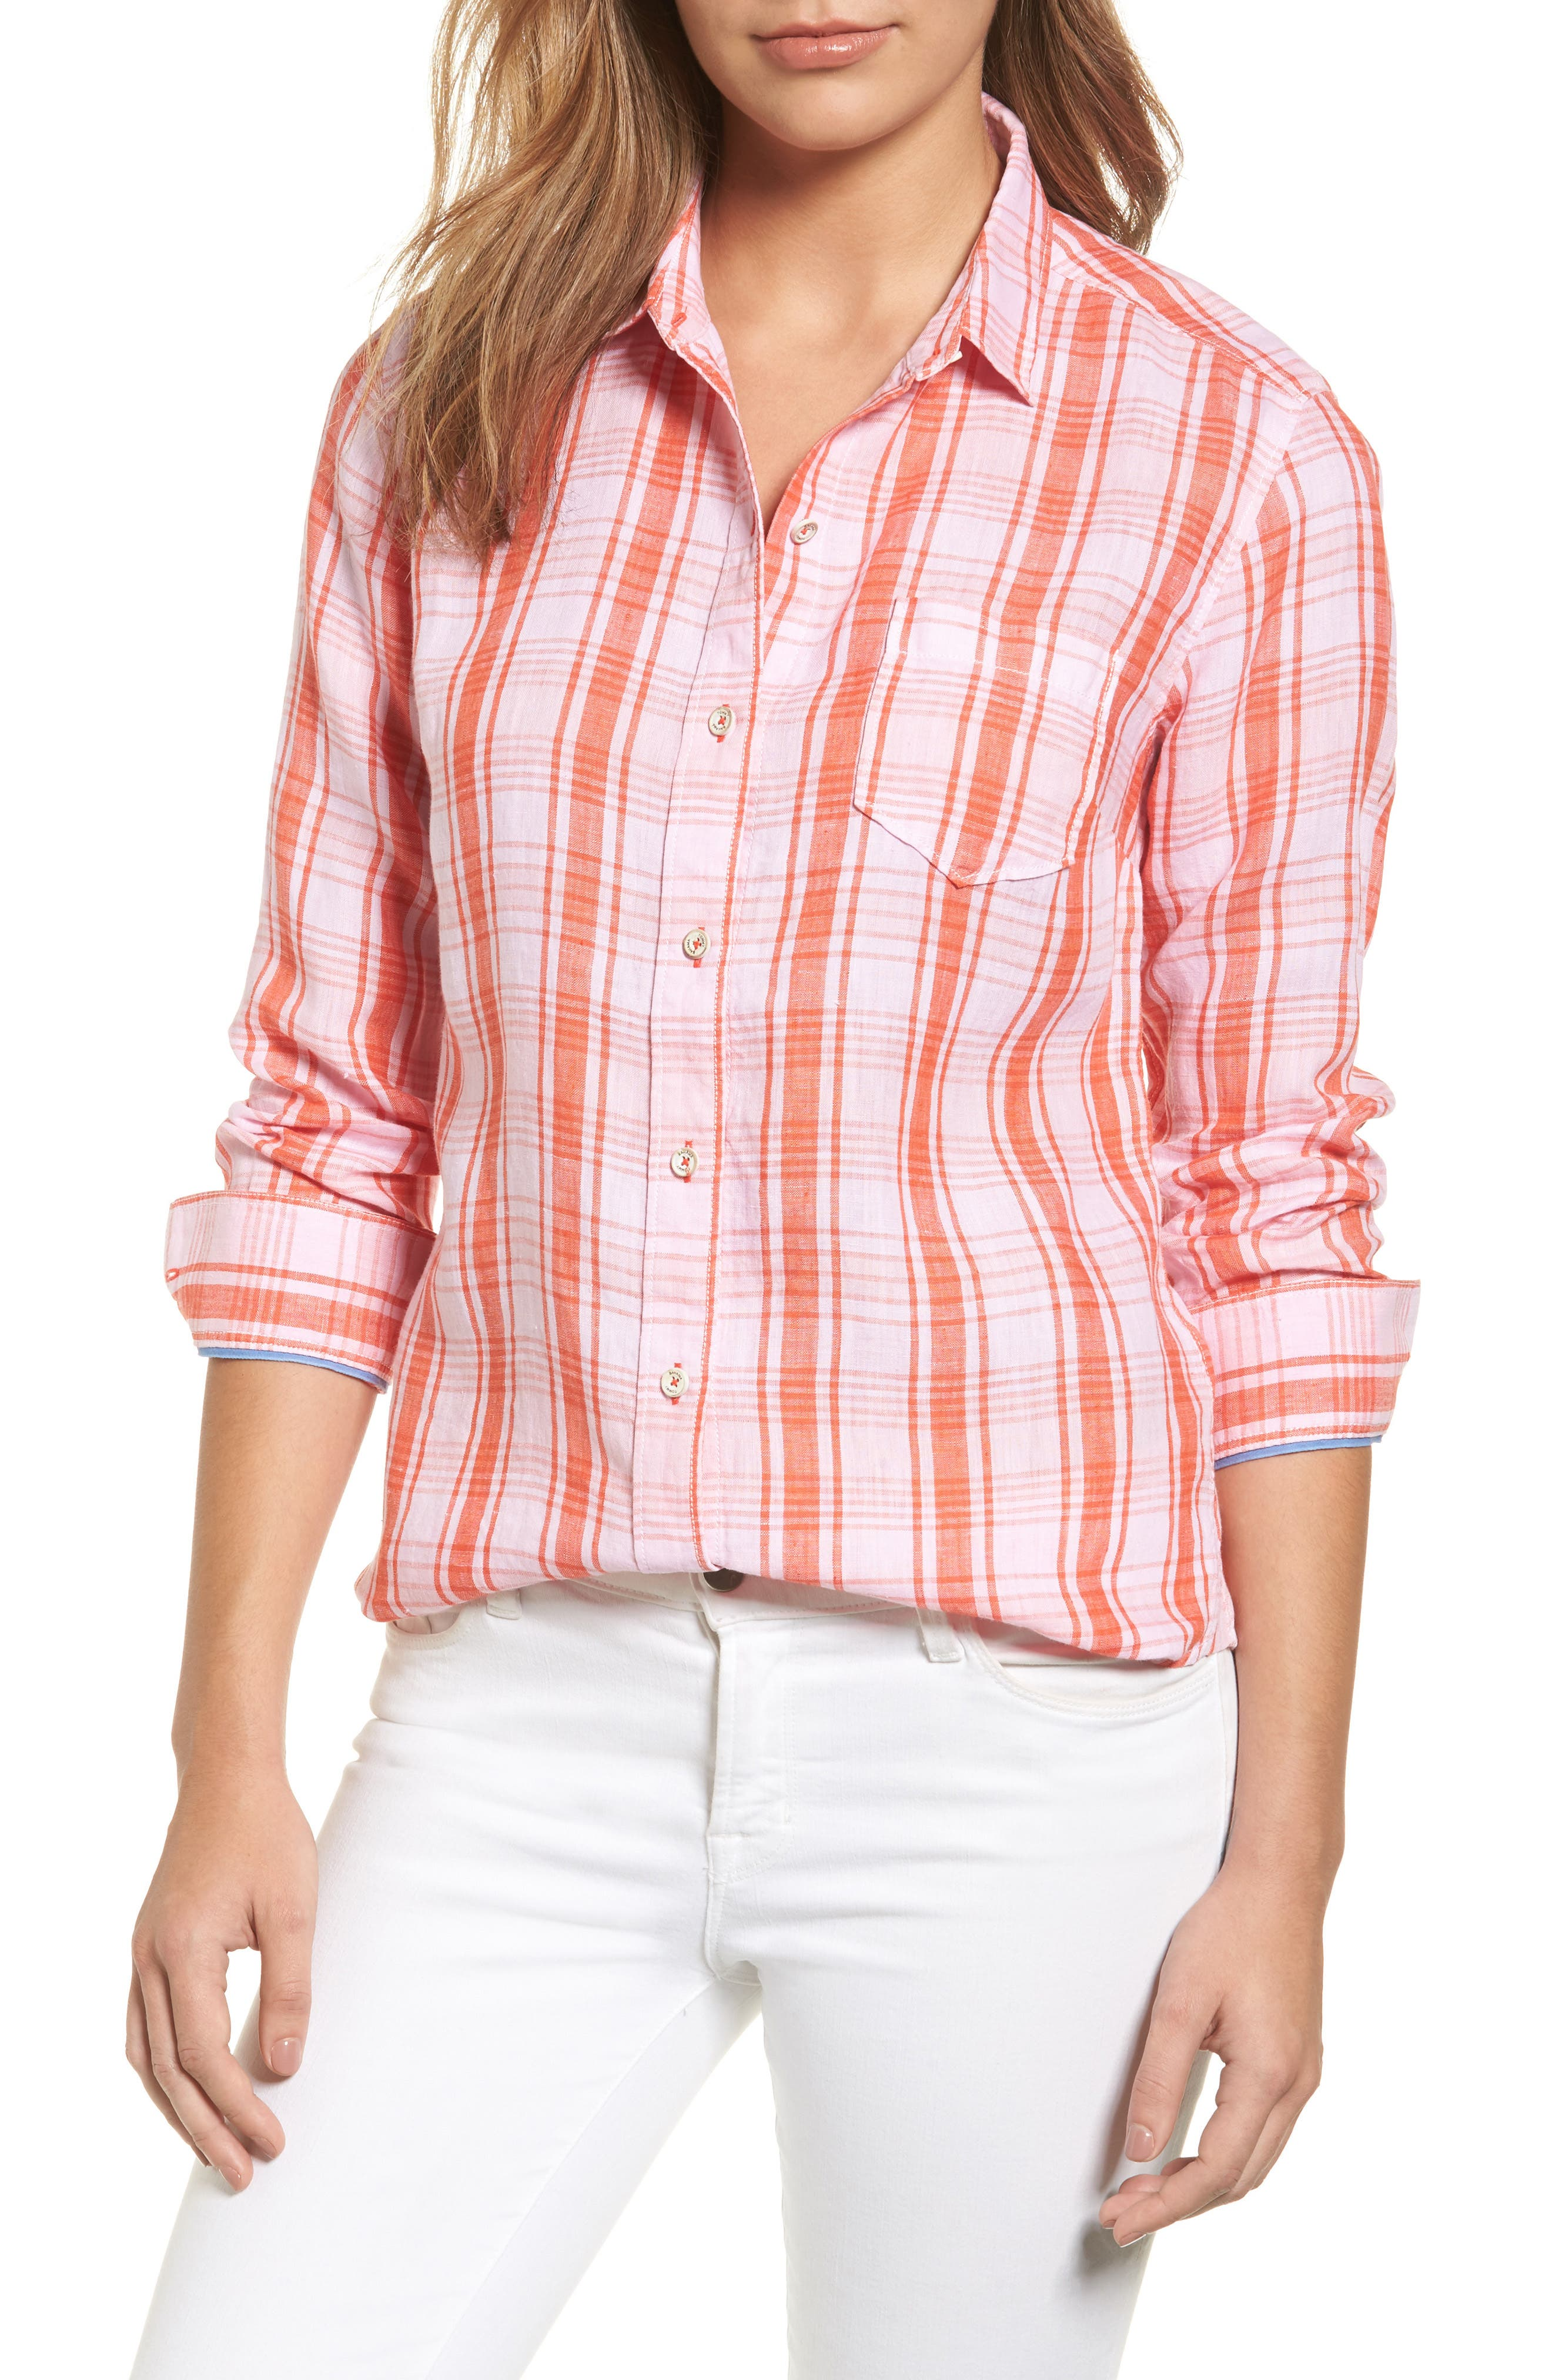 Alternate Image 1 Selected - Tommy Bahama Athena Plaid Linen Shirt